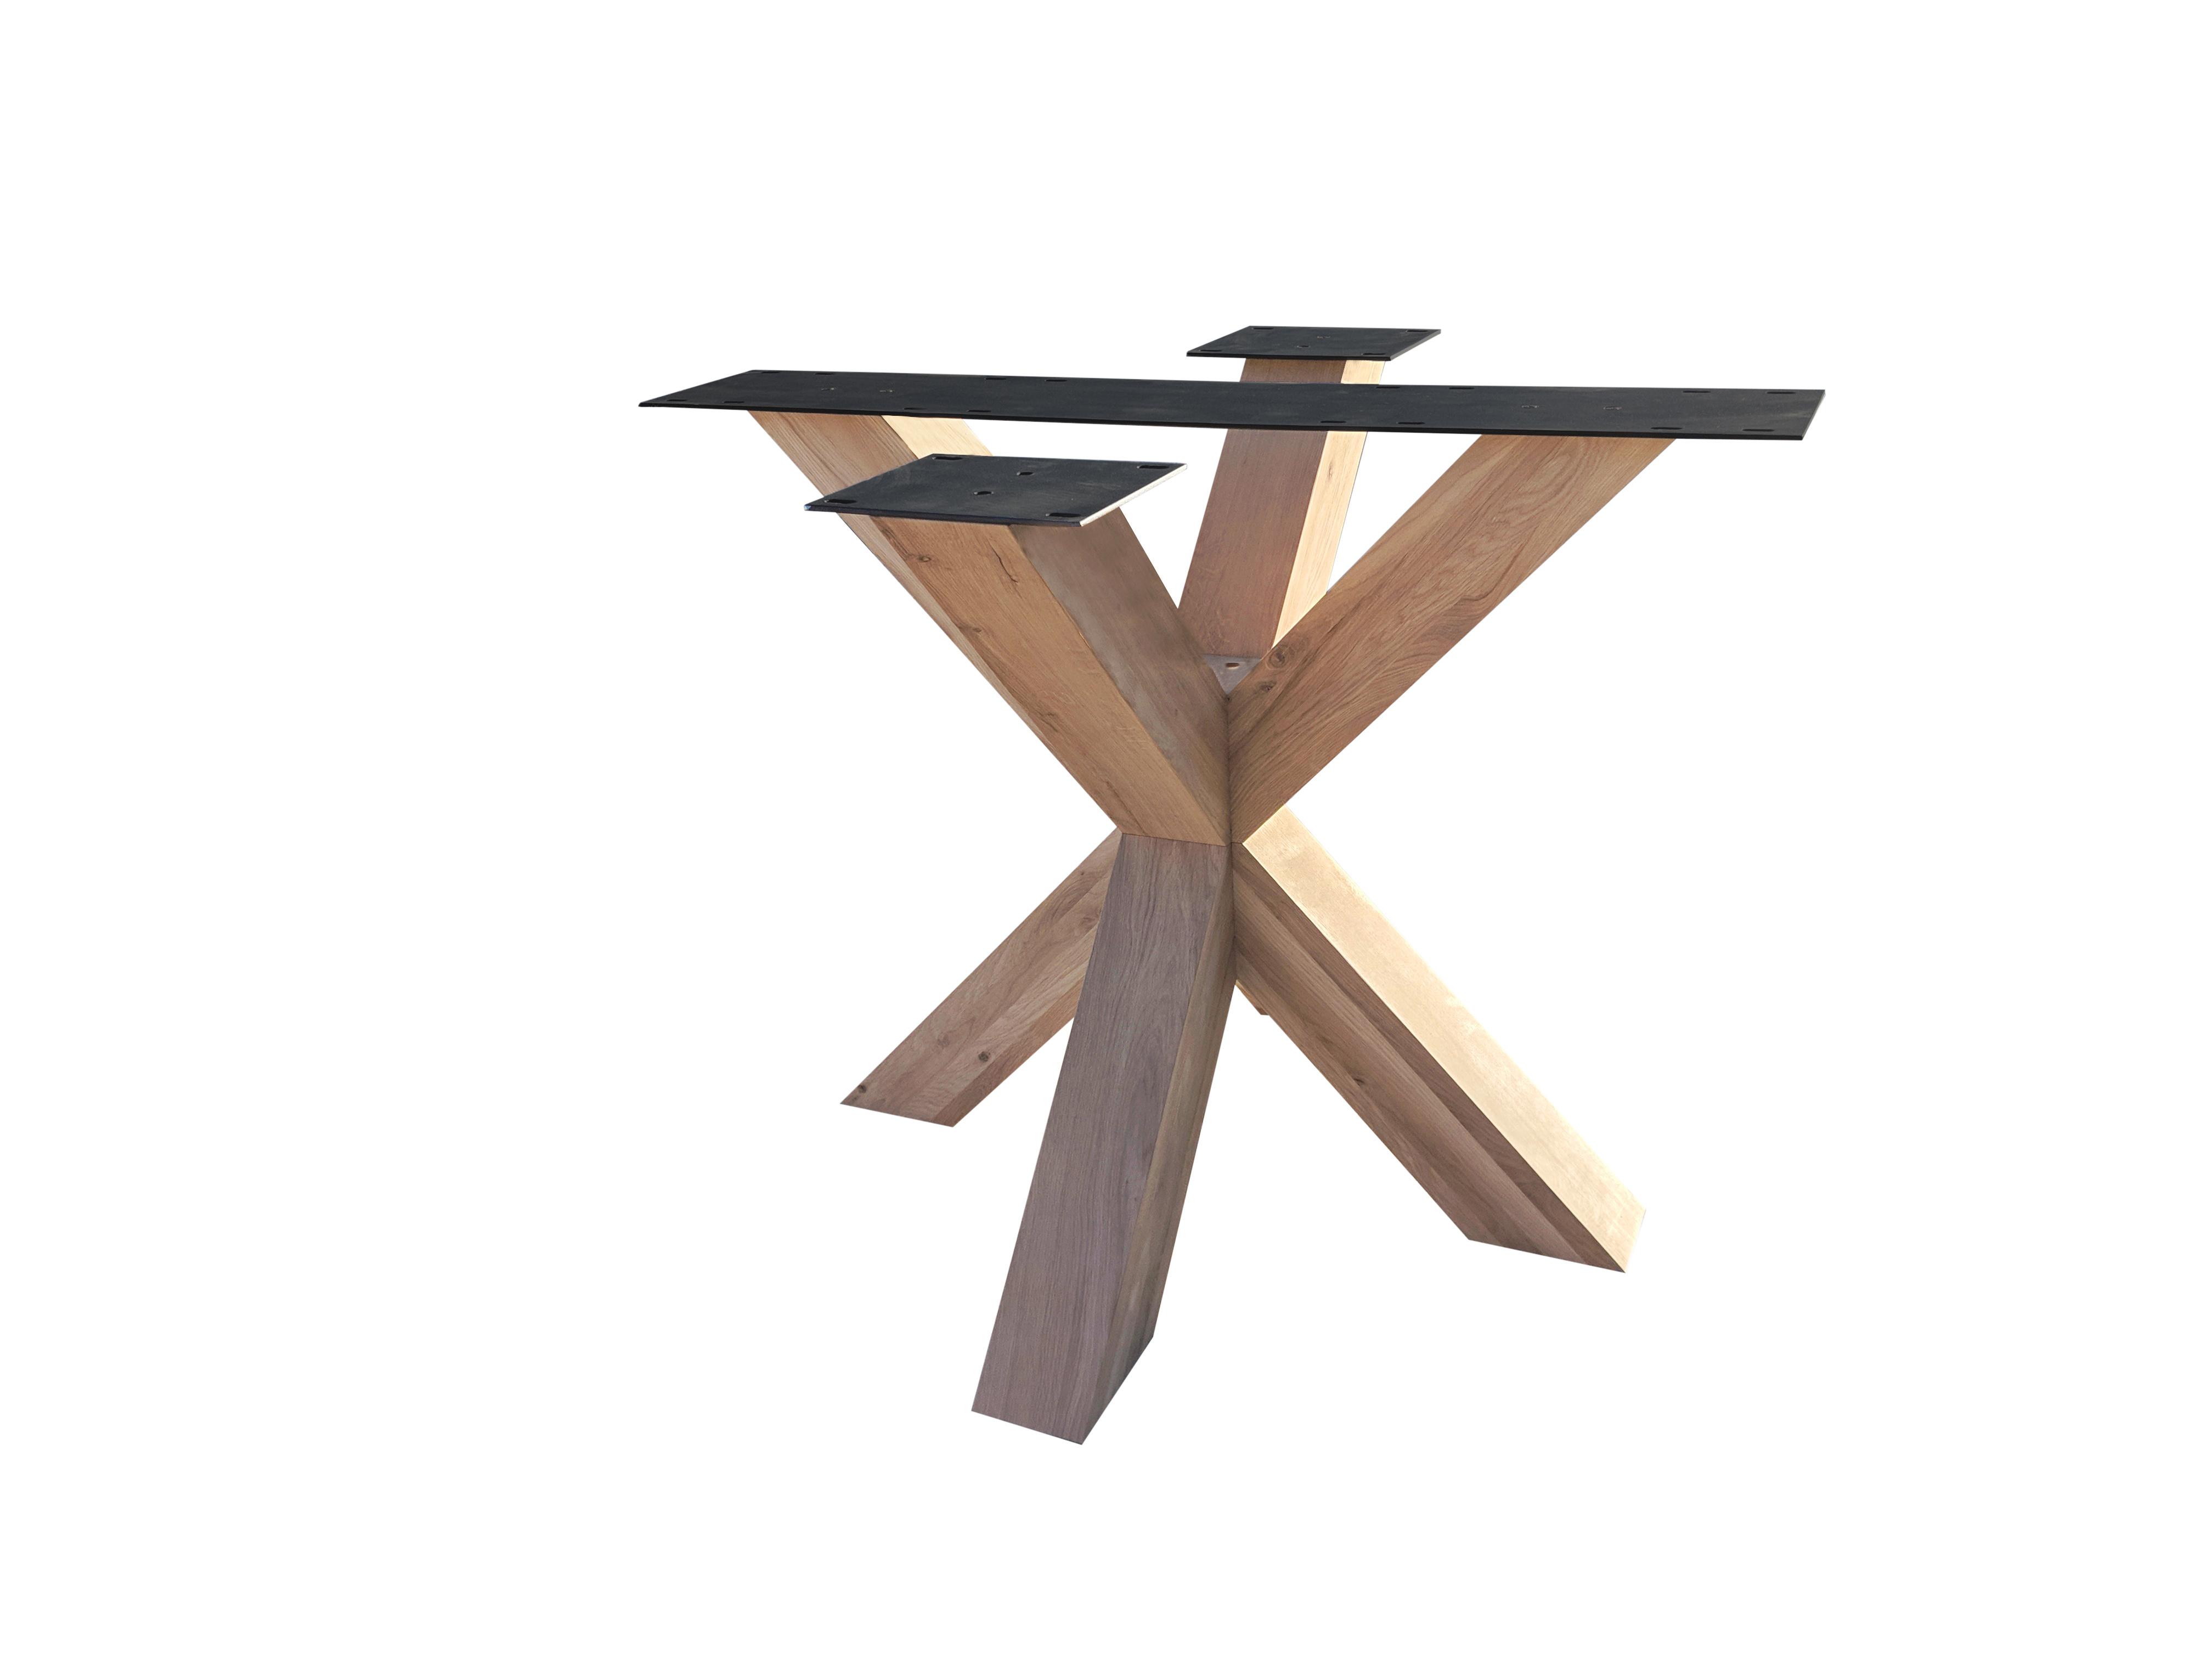 Tischgestell Eiche doppelt X - 10x10 cm - 90x90 cm  - 72 cm hoch - Eichenholz Rustikal - massives Tischunterstell rund (Mittelfuß) - Künstlich getrocknet HF 12%